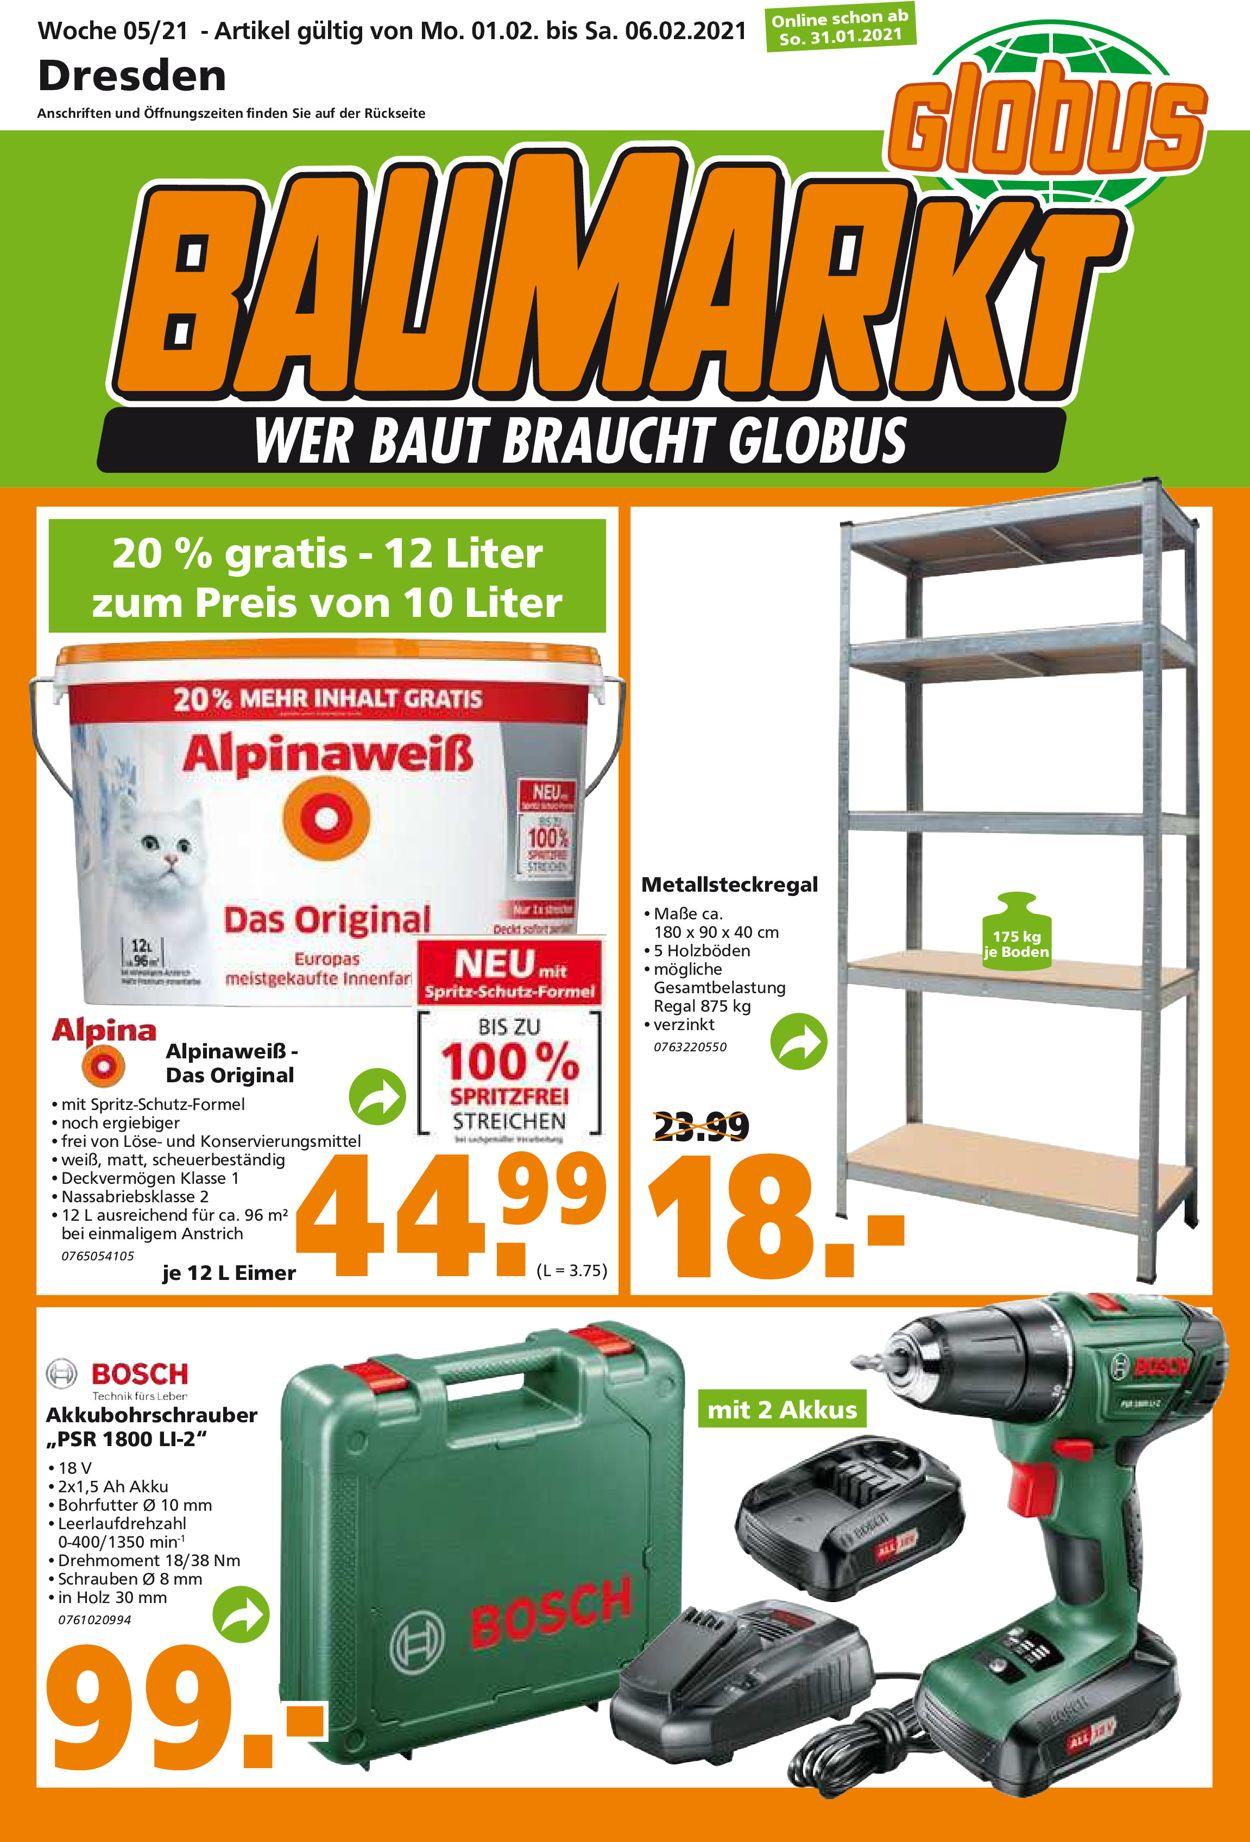 Globus Baumarkt Prospekt - Aktuell vom 01.02-06.02.2021